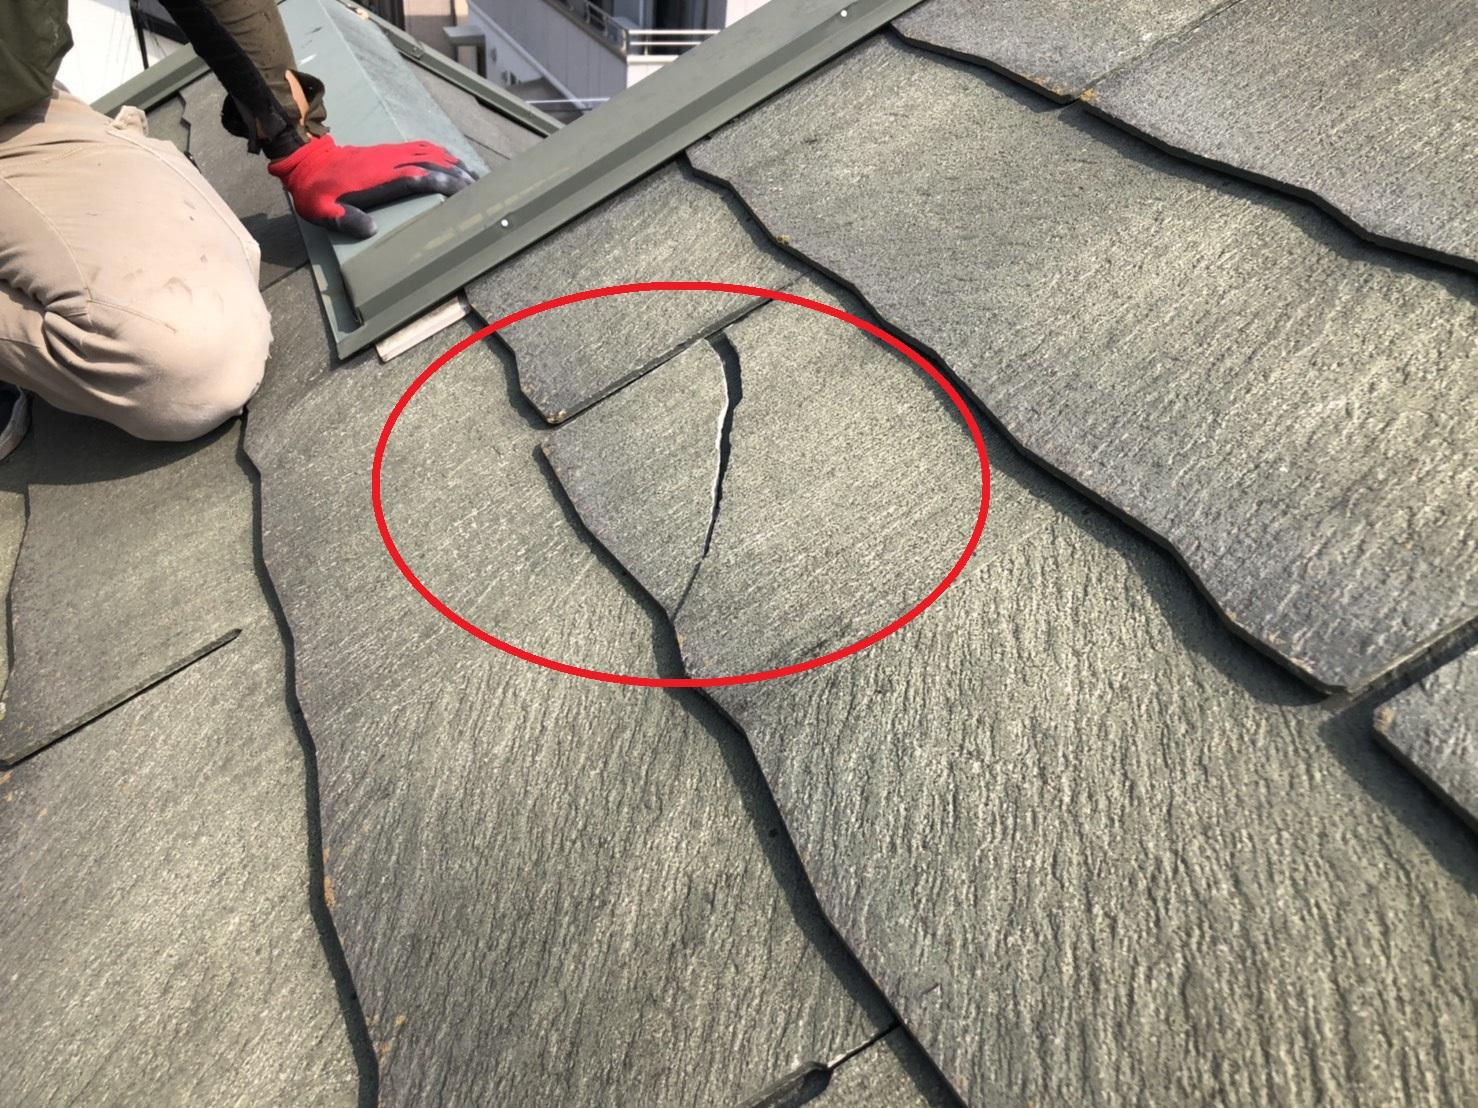 播磨町での屋根台風被害でスレート屋根が割れている様子